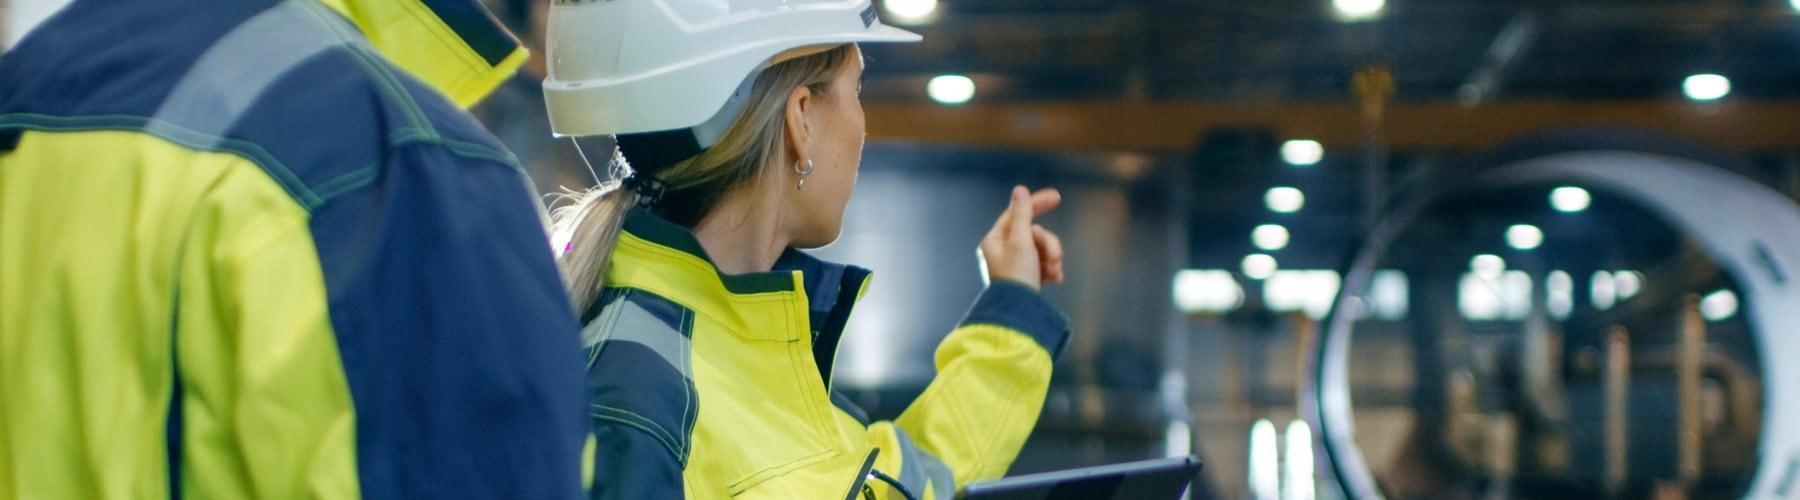 Inspektion - Gutachten - Wartung - Consulting - Instandsetzung - CE-Kennzeichnung - Optimierung - Prüfen nach BetrSichV - Retrofit - Maschinenverlagerung